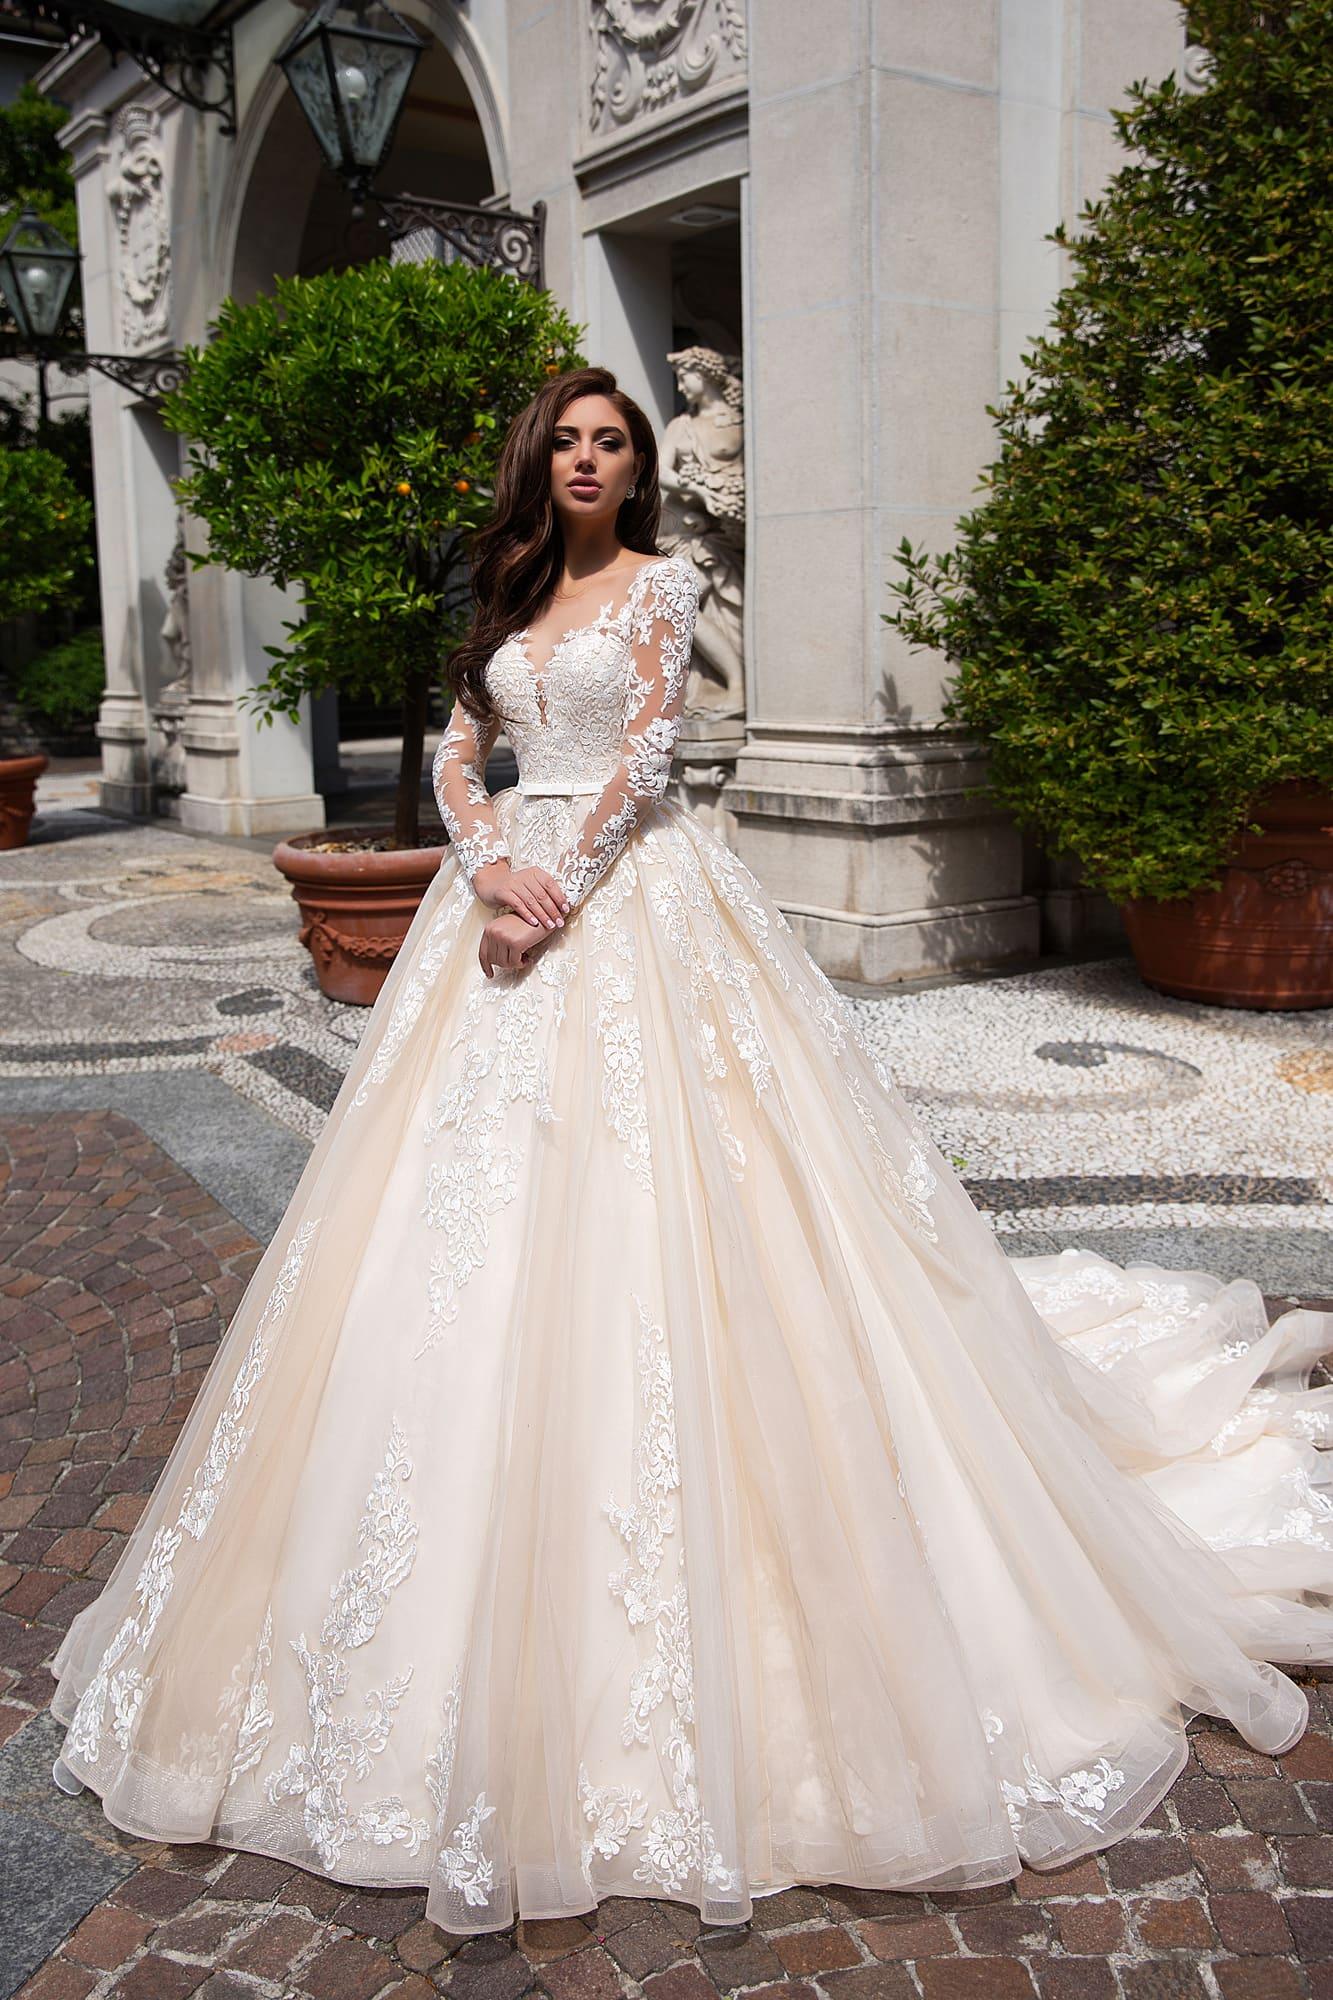 f13a4d47e05 Пышное свадебное платье с юбкой в персиковых тонах и элегантным длинным  рукавом.